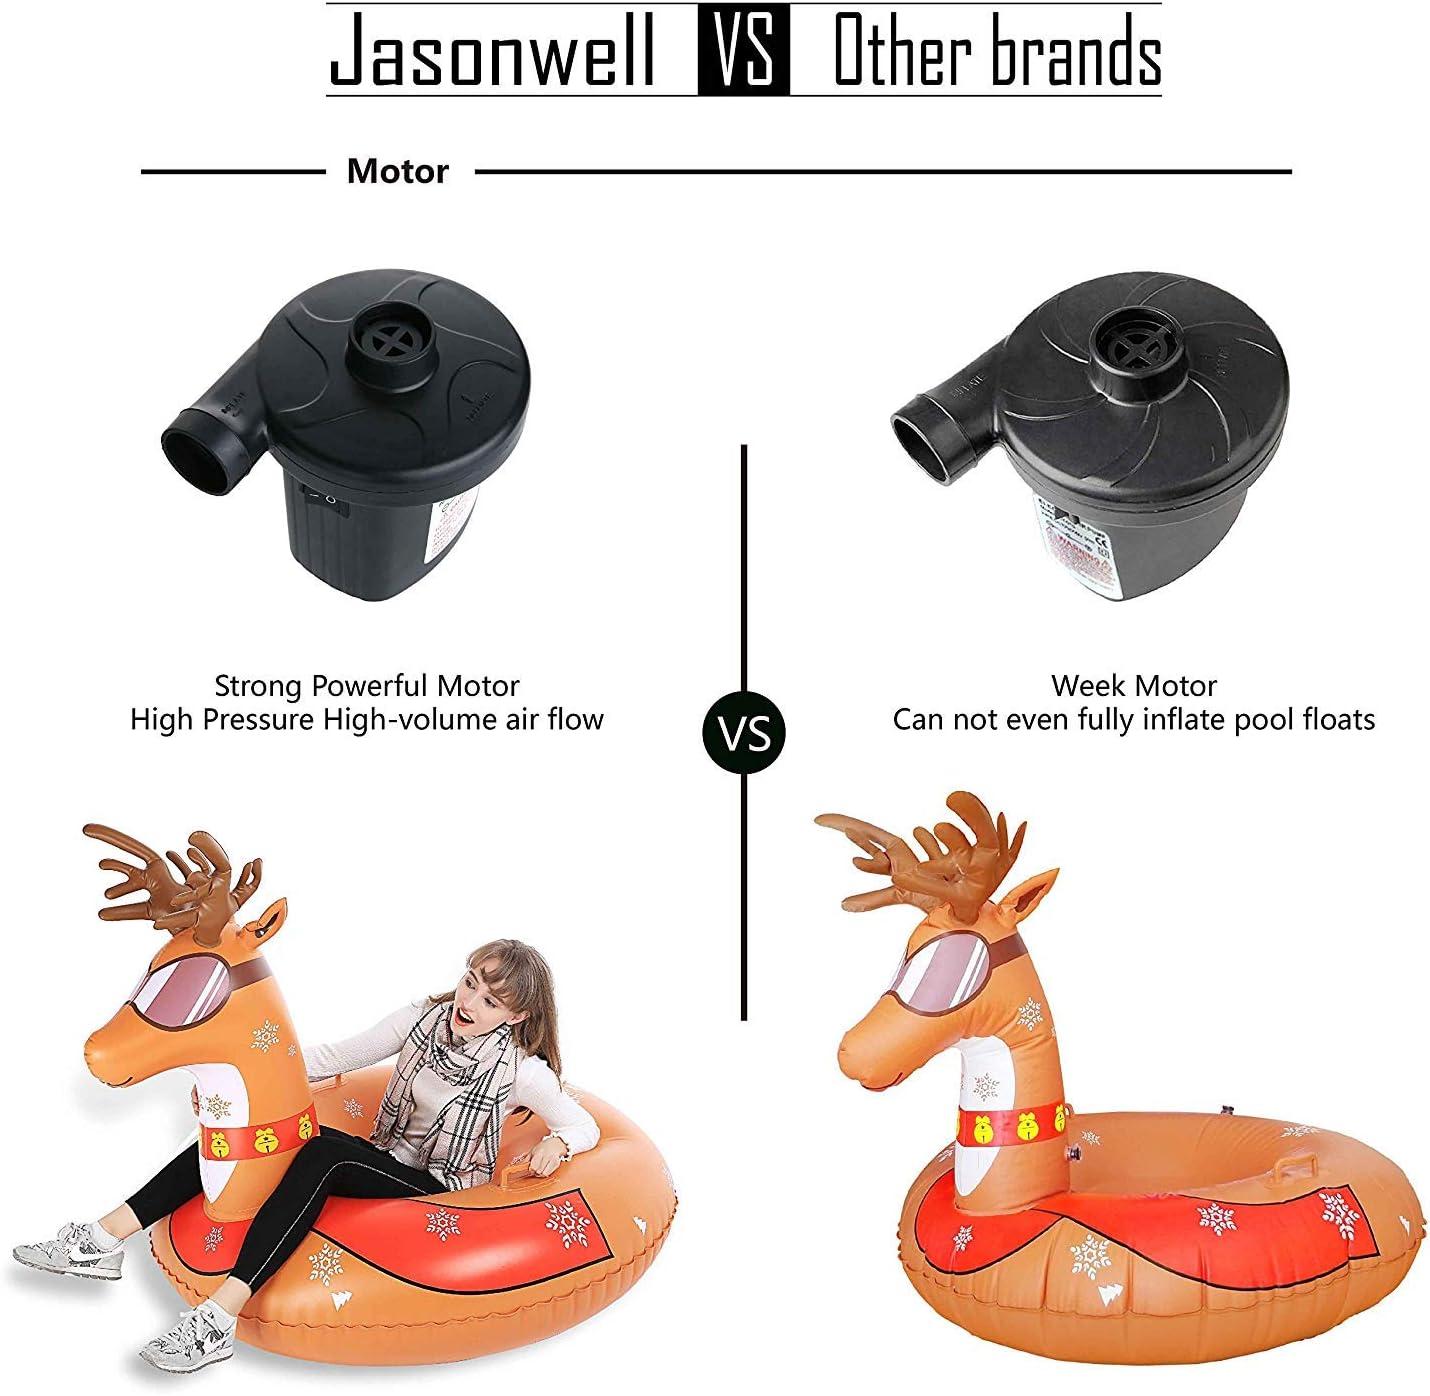 para inflar y aspirar colchones y Objetos inflables com-four/® Bomba de Aire de pie con 2 boquillas de Aire Bomba de Aire con un Volumen de 3 litros